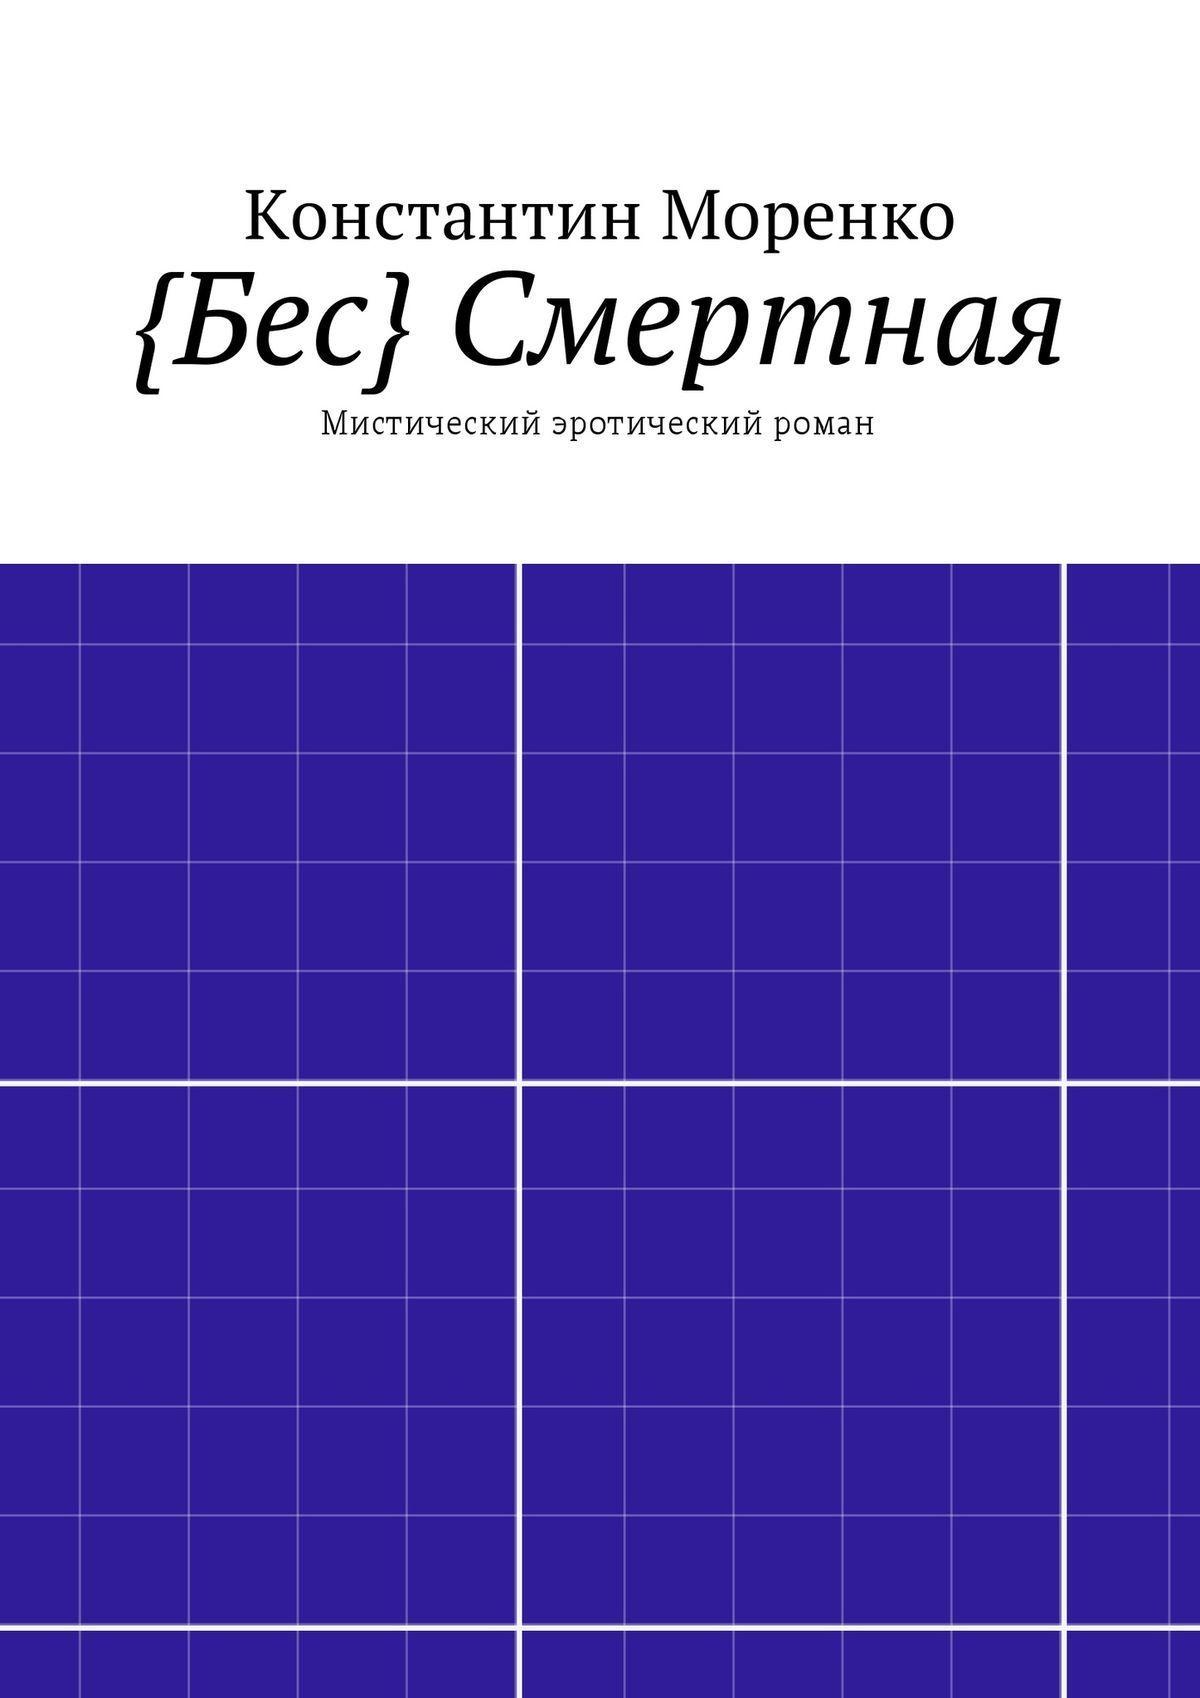 Константин Моренко - {Бес} Смертная. Мистический эротический роман